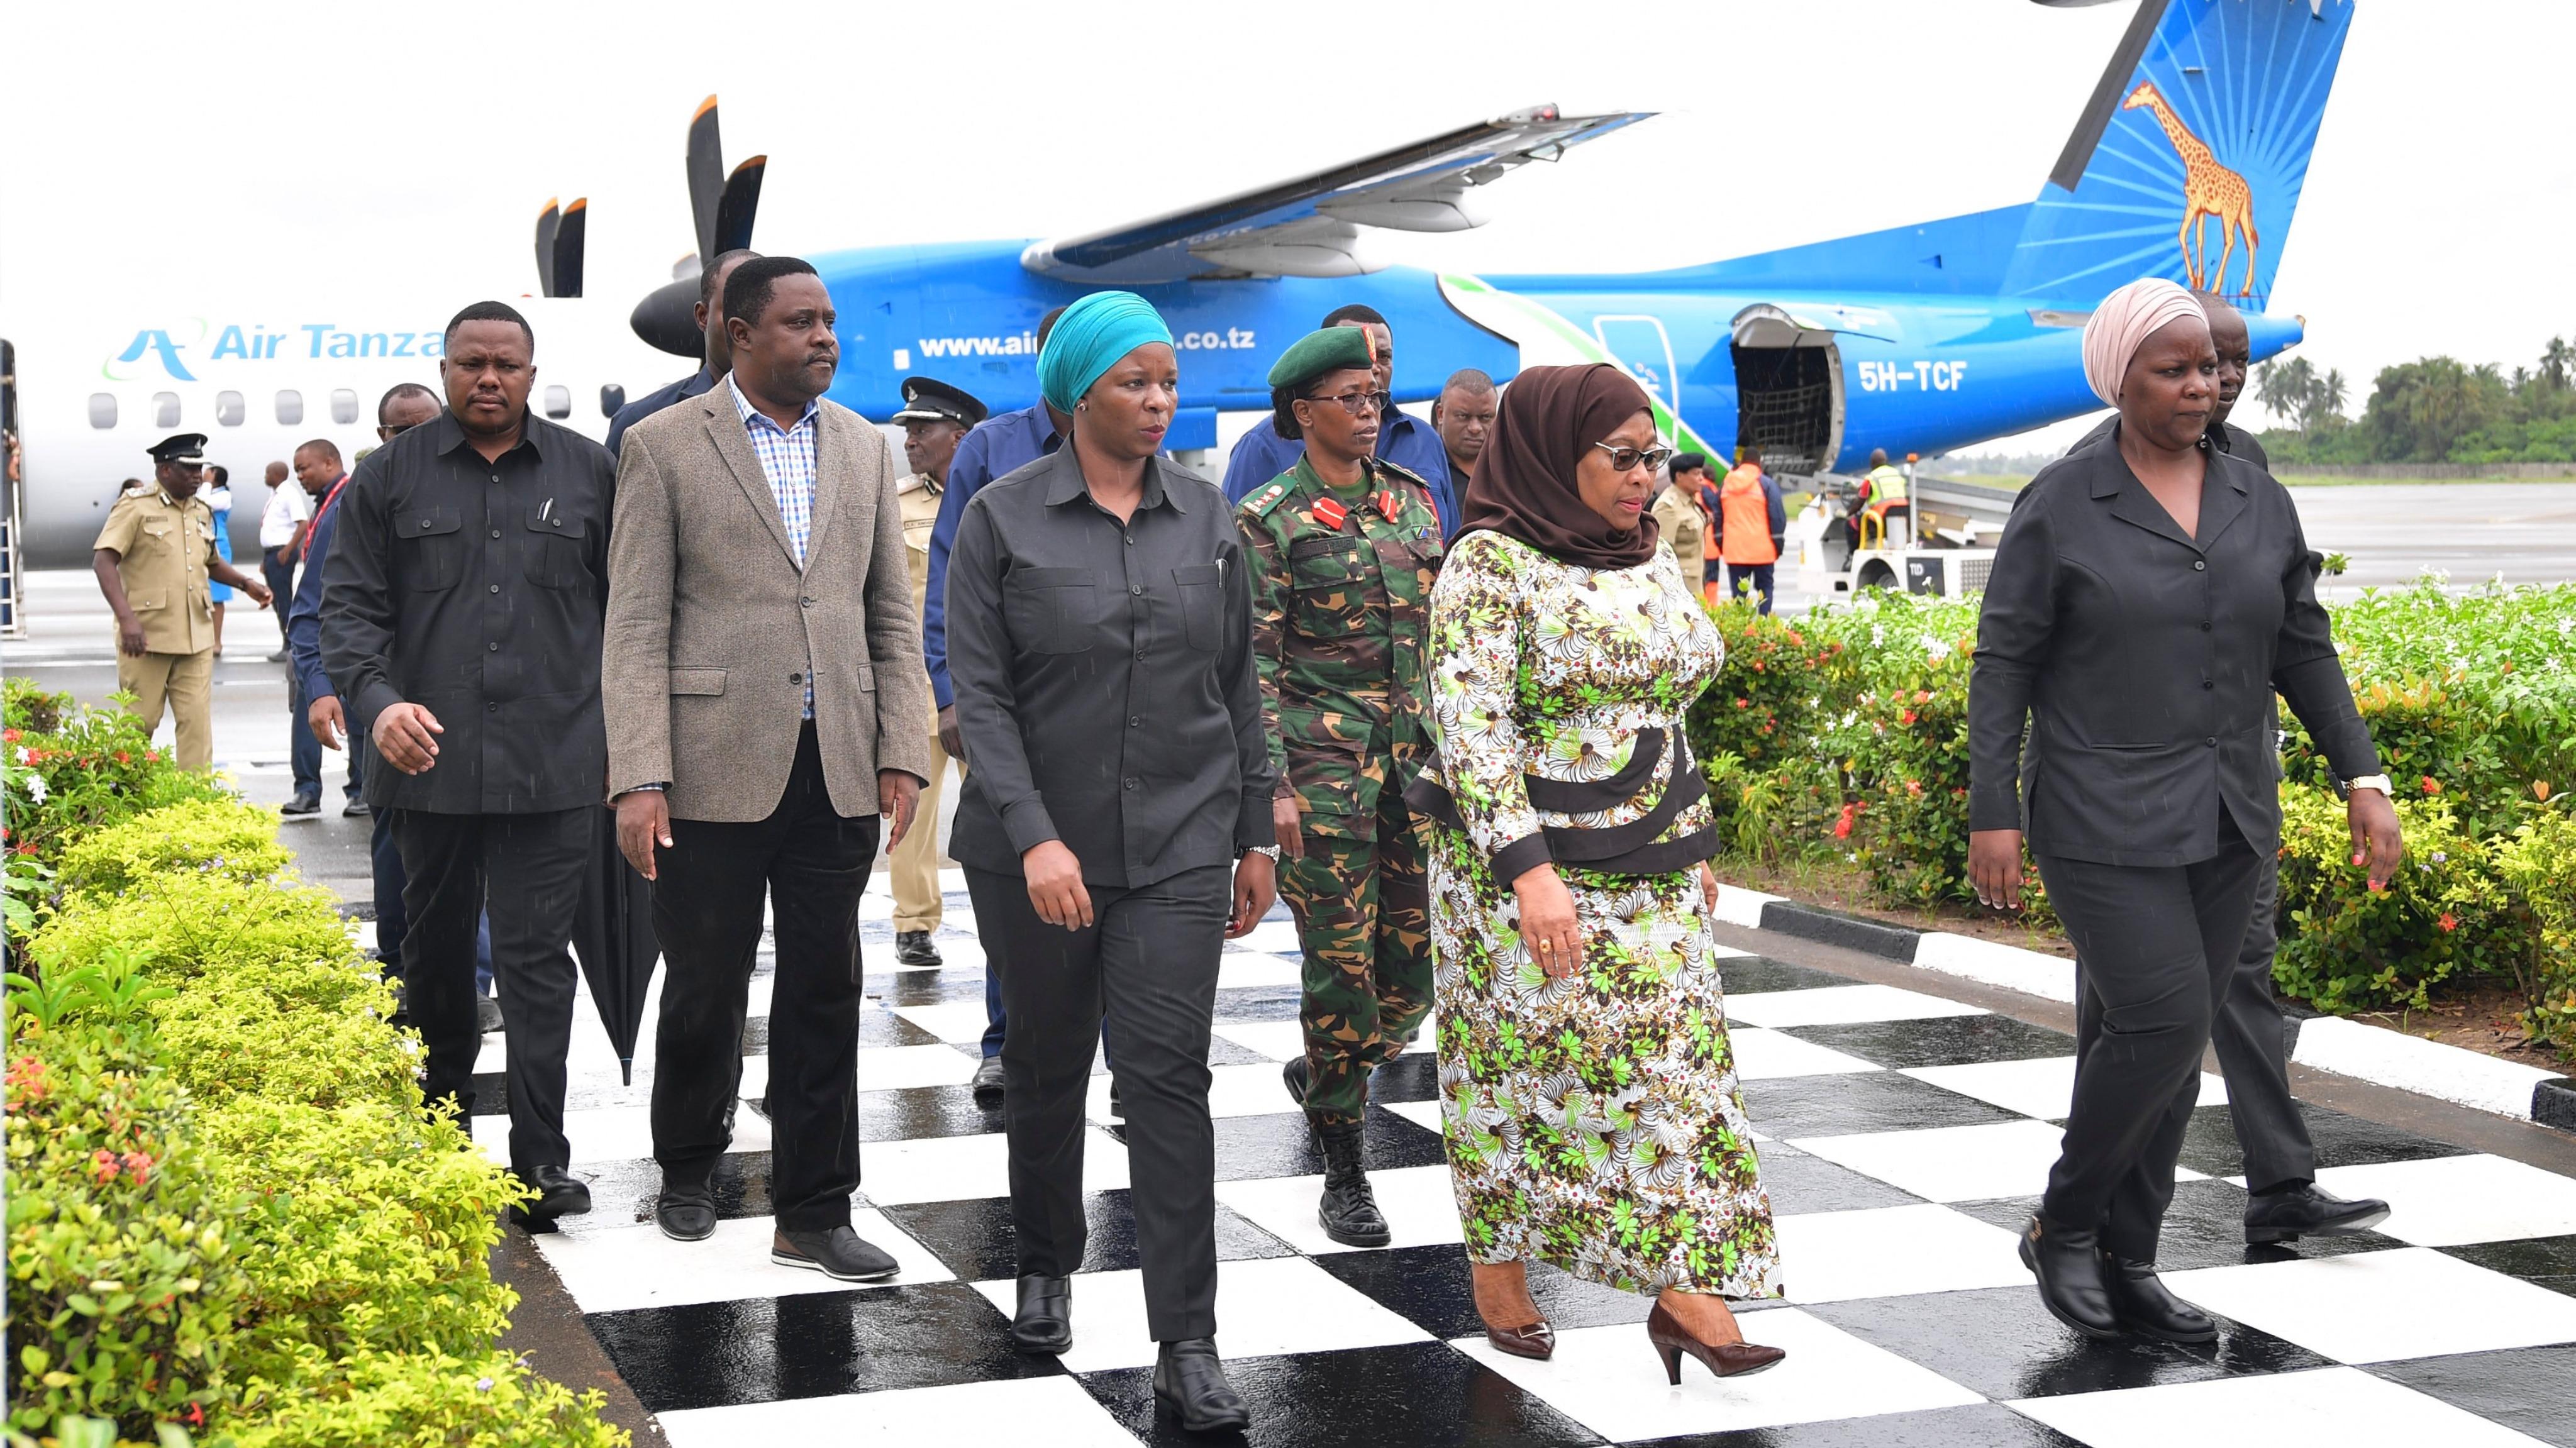 Rais wa Jamhuri ya Muungano wa Tanzania Mheshimiwa Samia Suluhu Hassan akiwasili katika uwanja wa ndege wa Kimataifa wa Mwalimu Julius Nyerere jijini Dar es Salaam wakati akitokea Zanzibar.